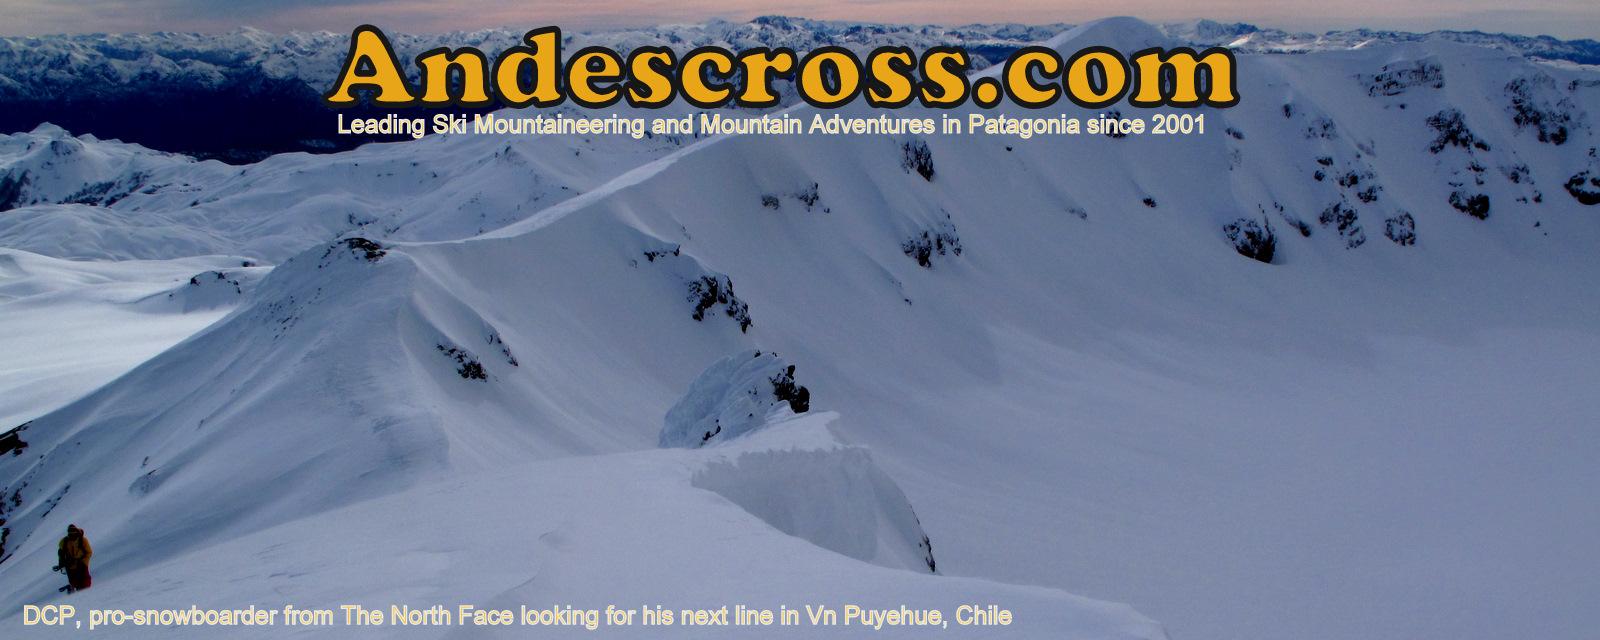 Andescross.com